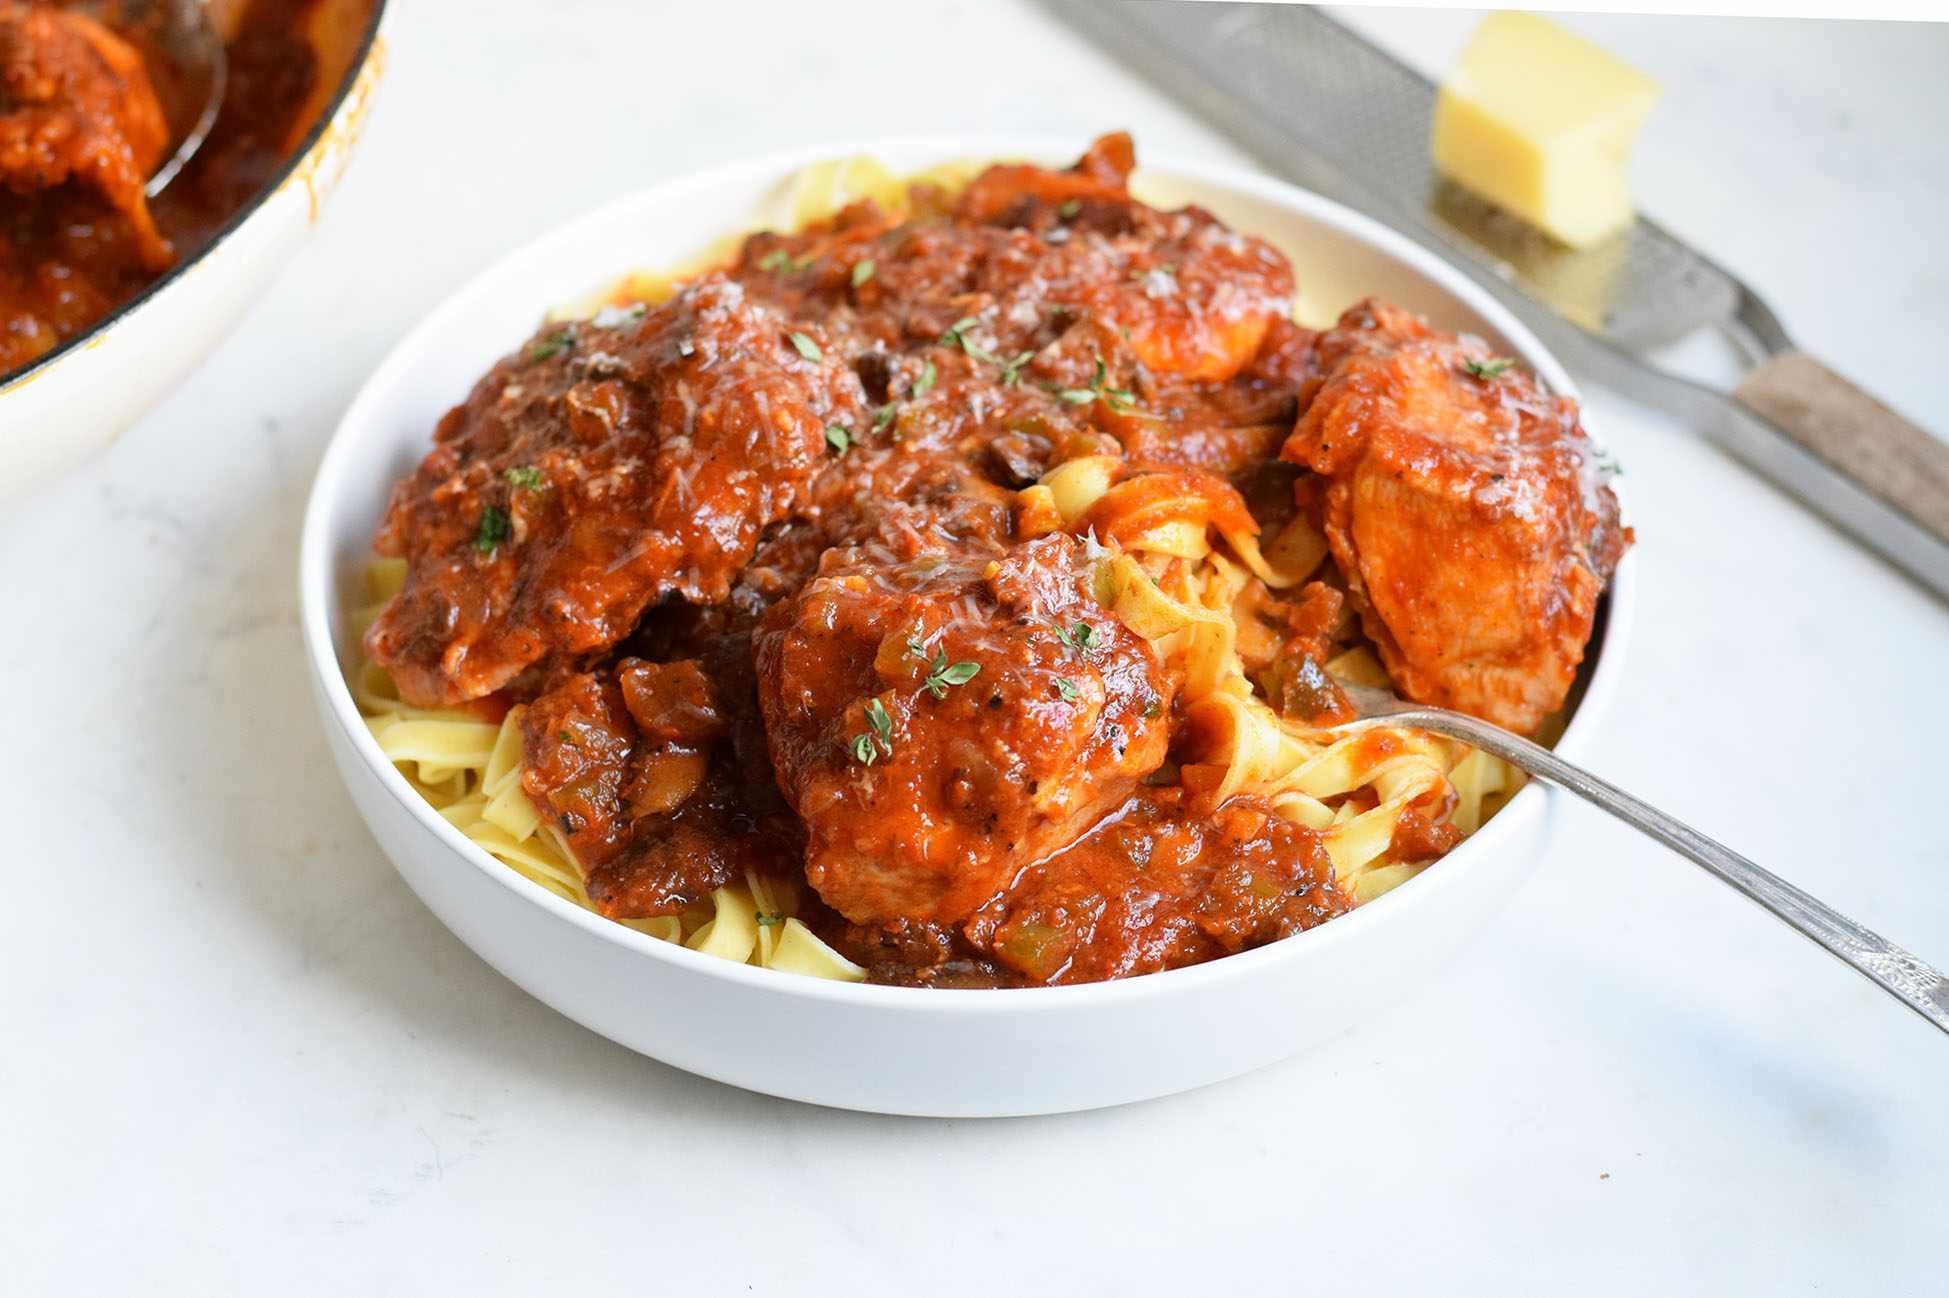 Chicken cacciatore in a bowl over pasta